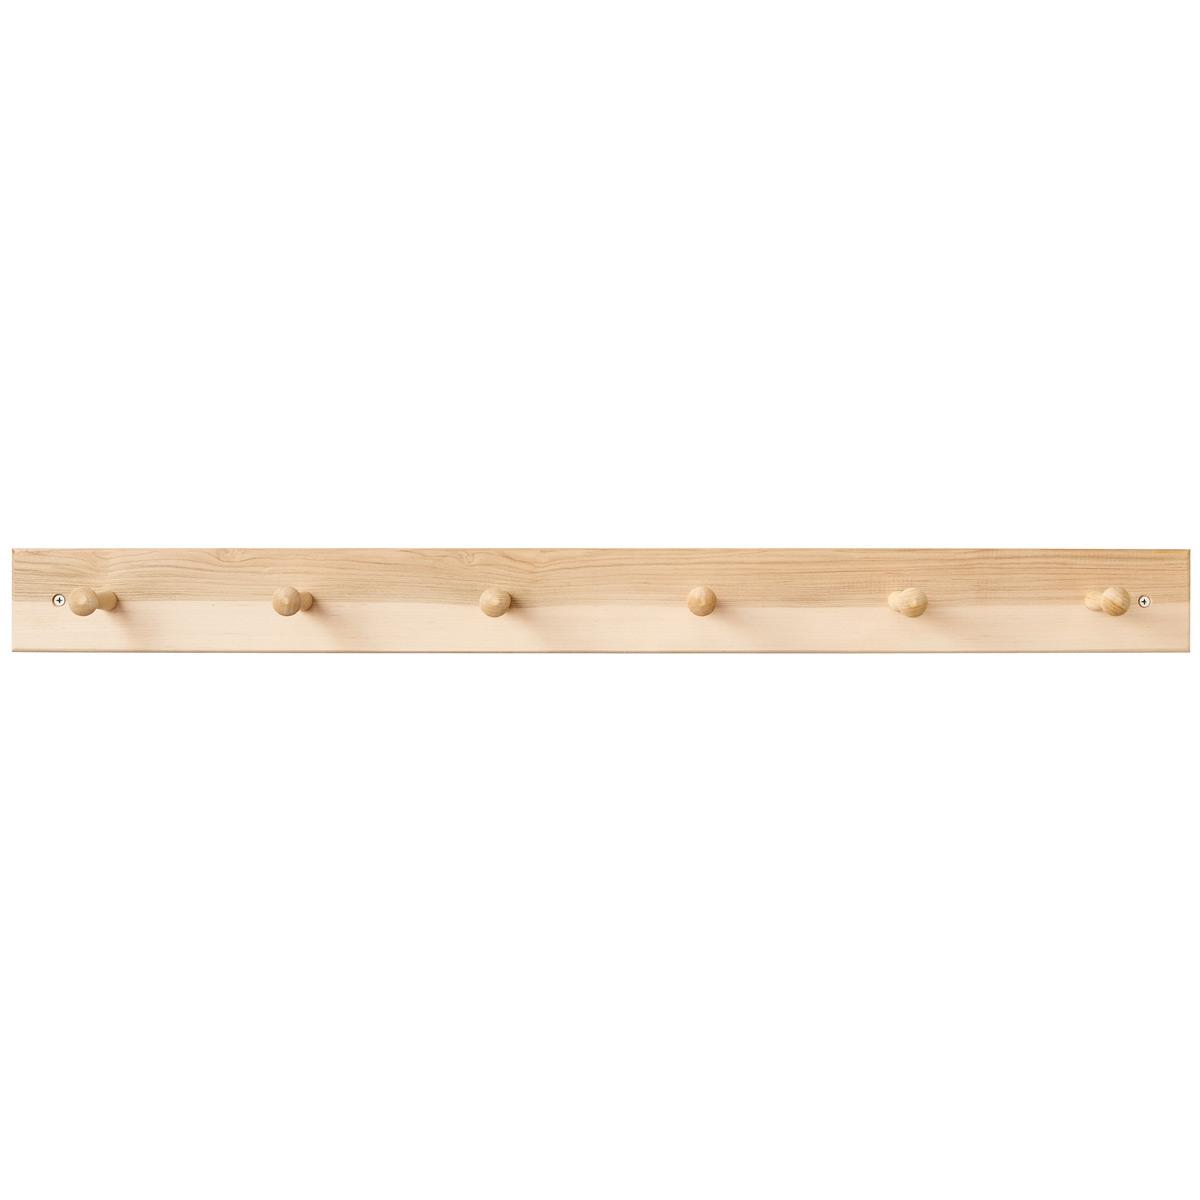 1 x 4 BRASS HOOKS PINE WALL Hat /& Coat HANGER  Door Peg Wooden  hanging hooks